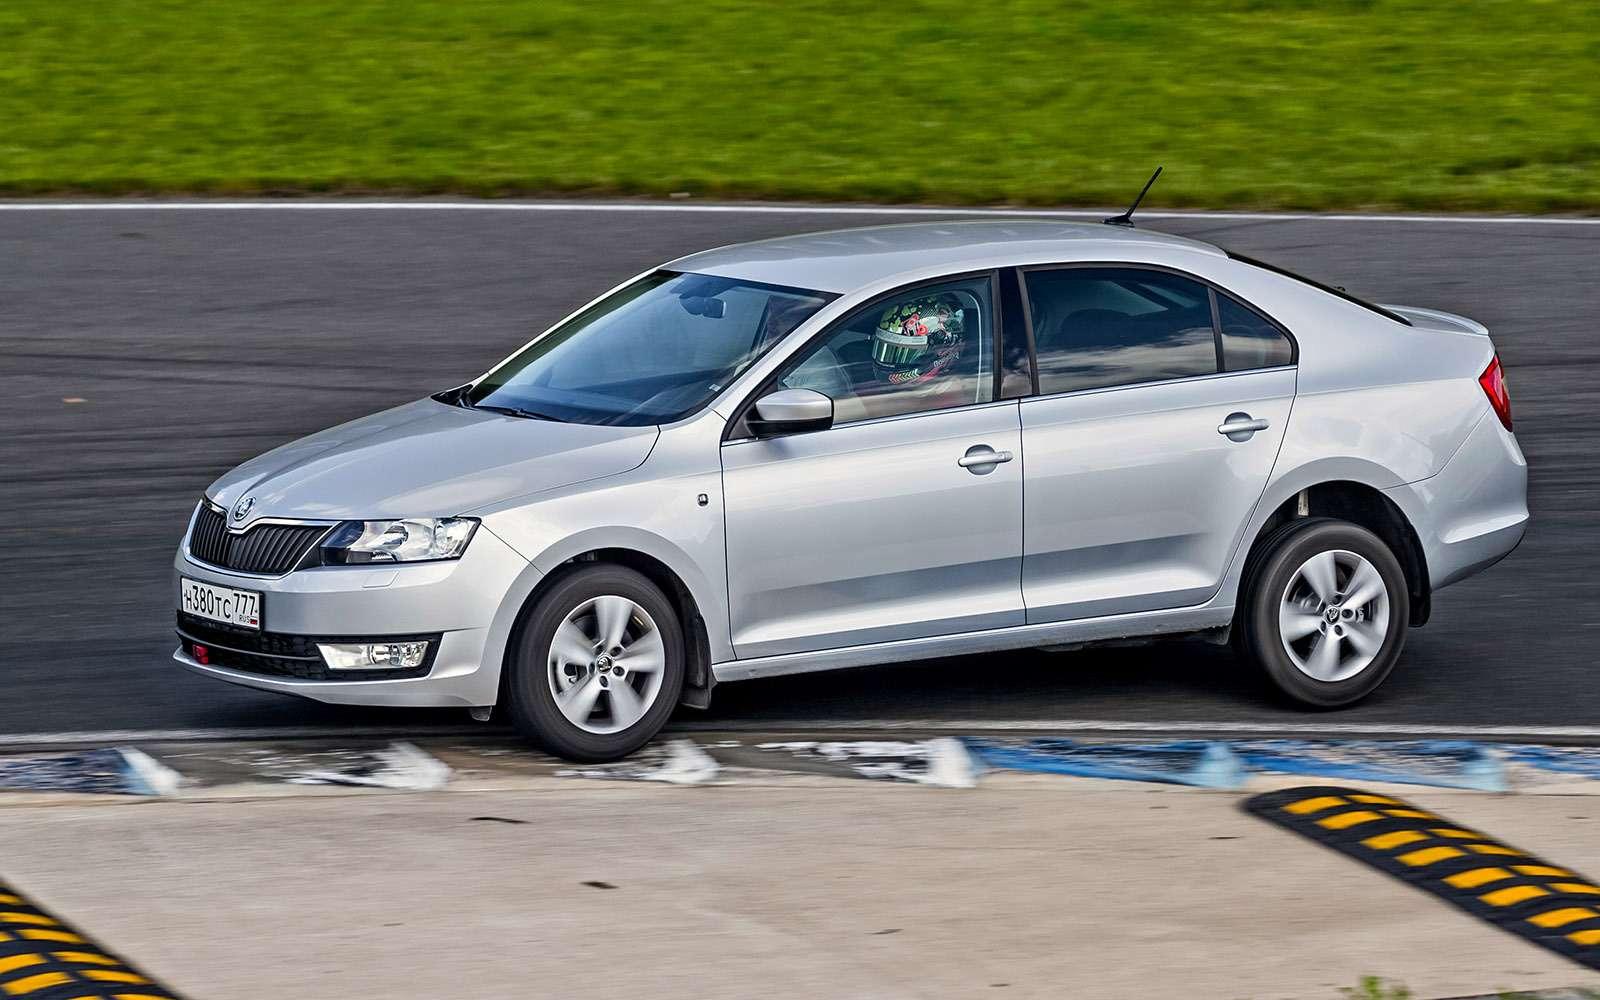 VWPolo GTпротив конкурентов: тест на«Смоленском кольце»— фото 644229